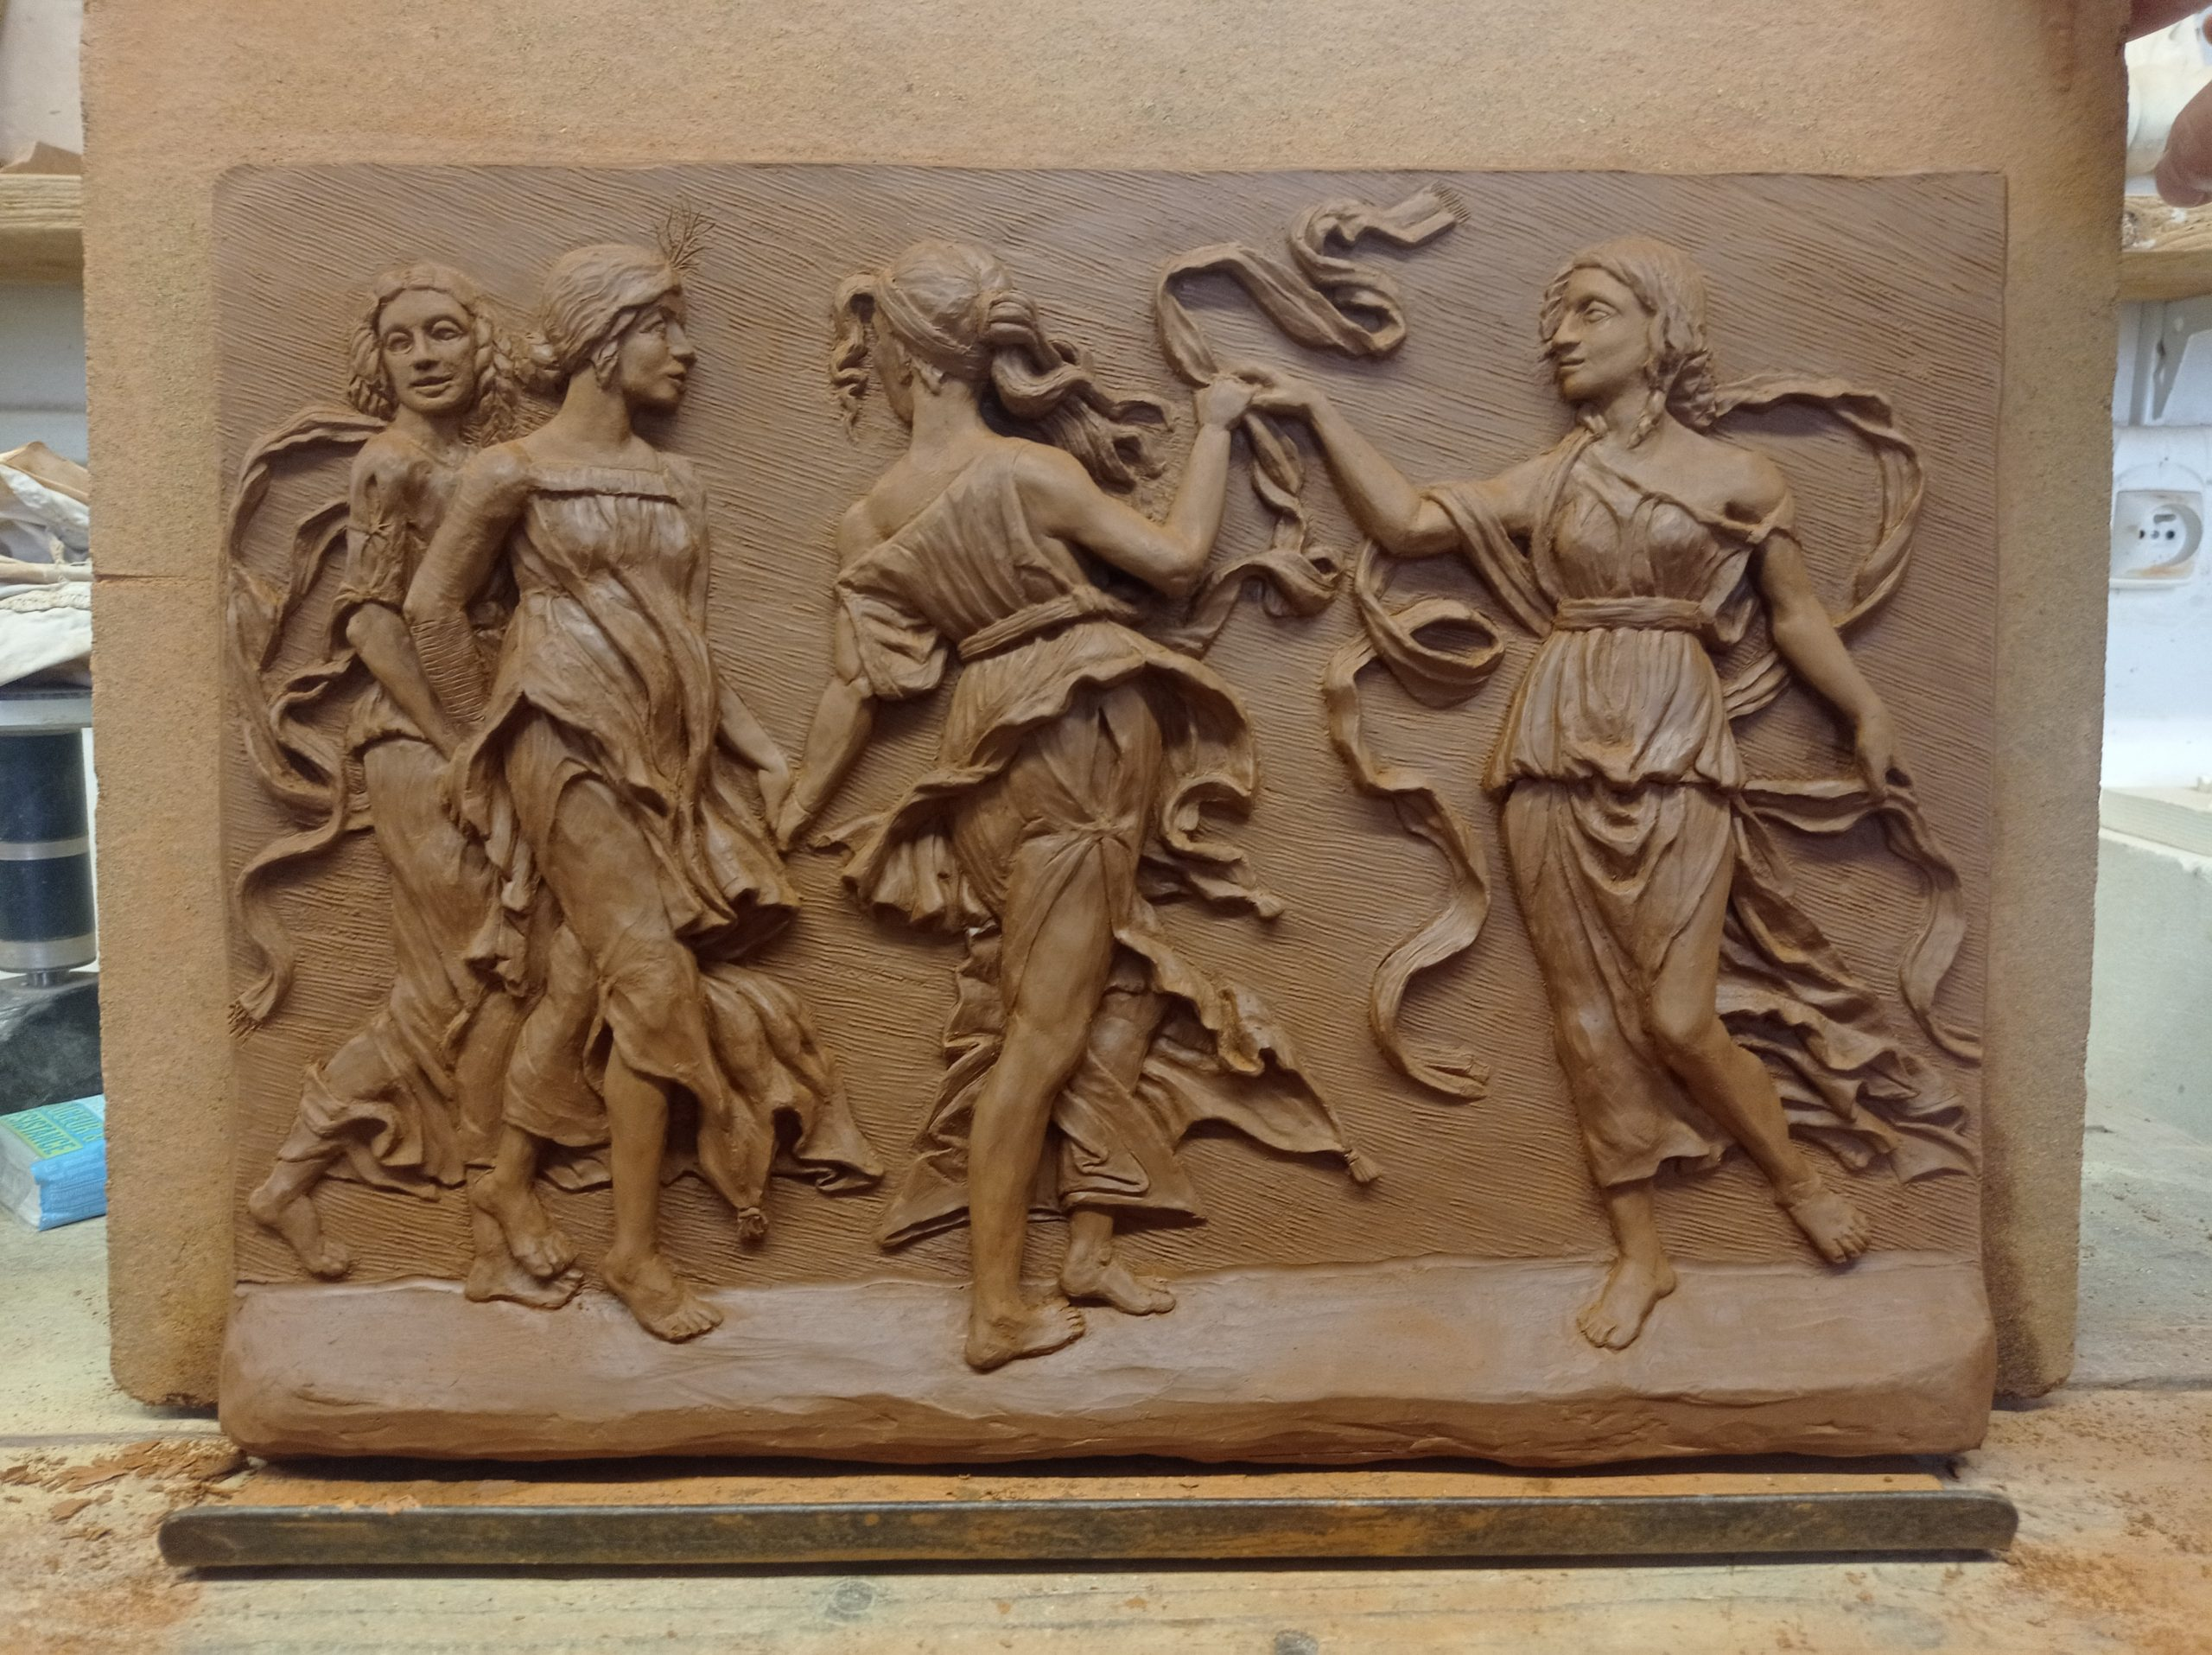 Bas-relief en argile d'après une gravure d'Andrea Mantegna 15ème siècle